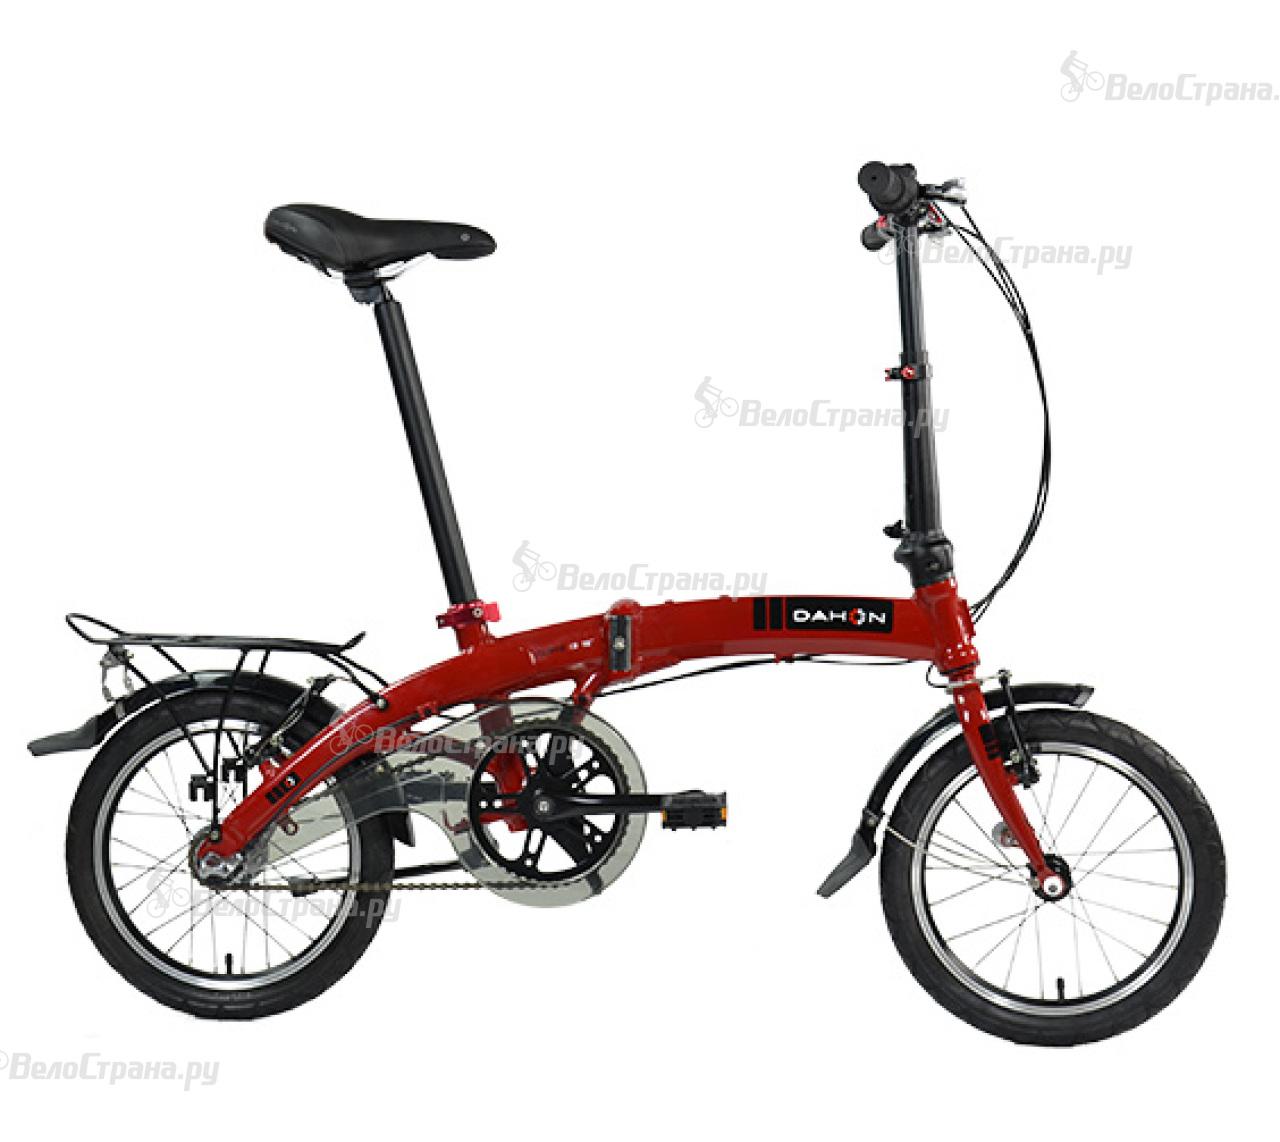 все цены на Велосипед Dahon Curve i3 16 (2017) онлайн